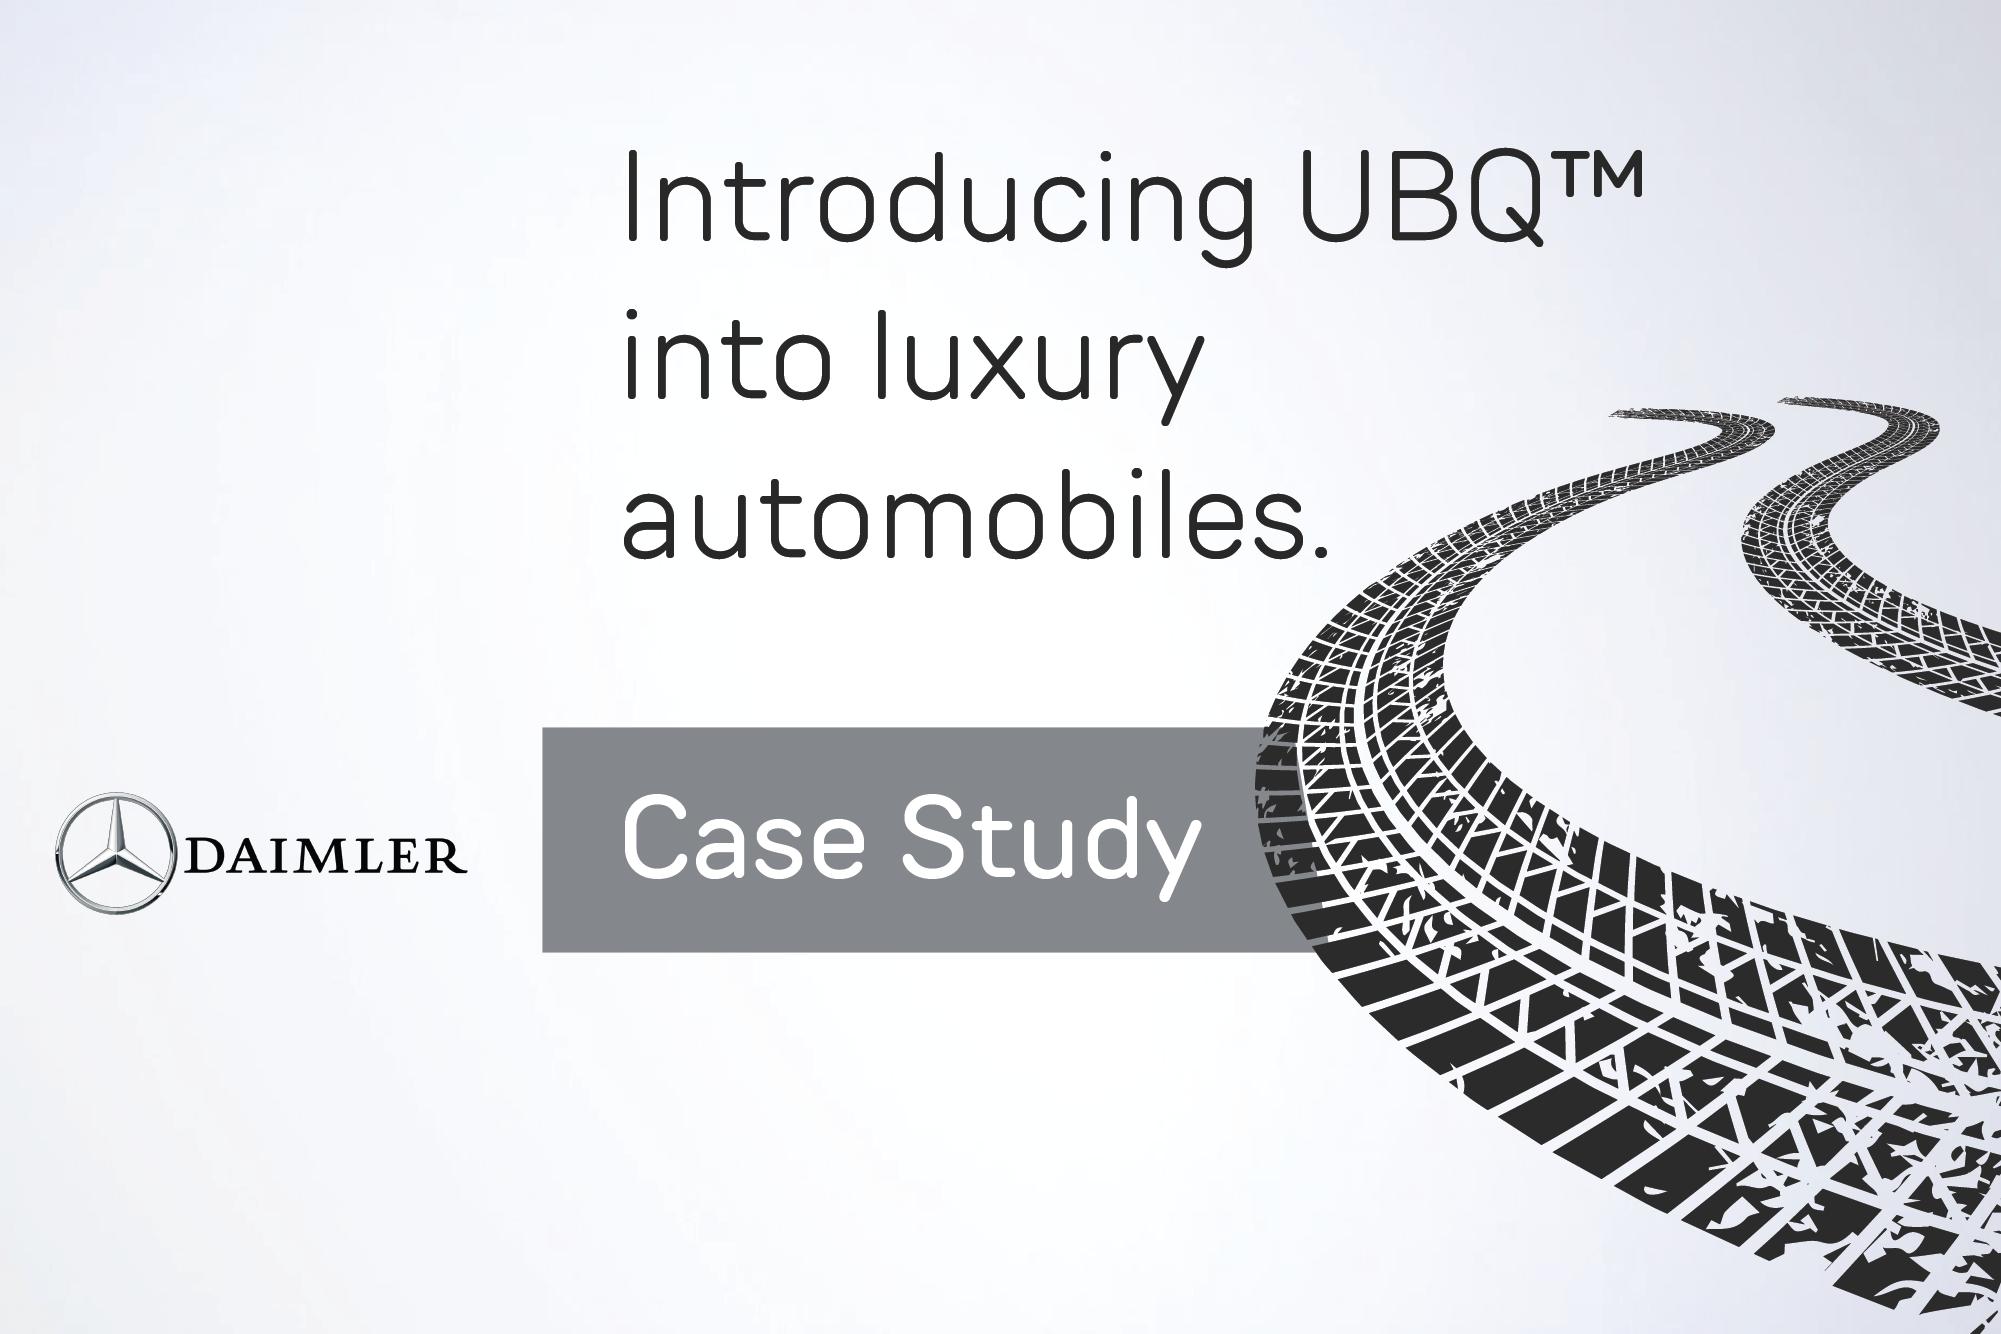 Case Study: Daimler